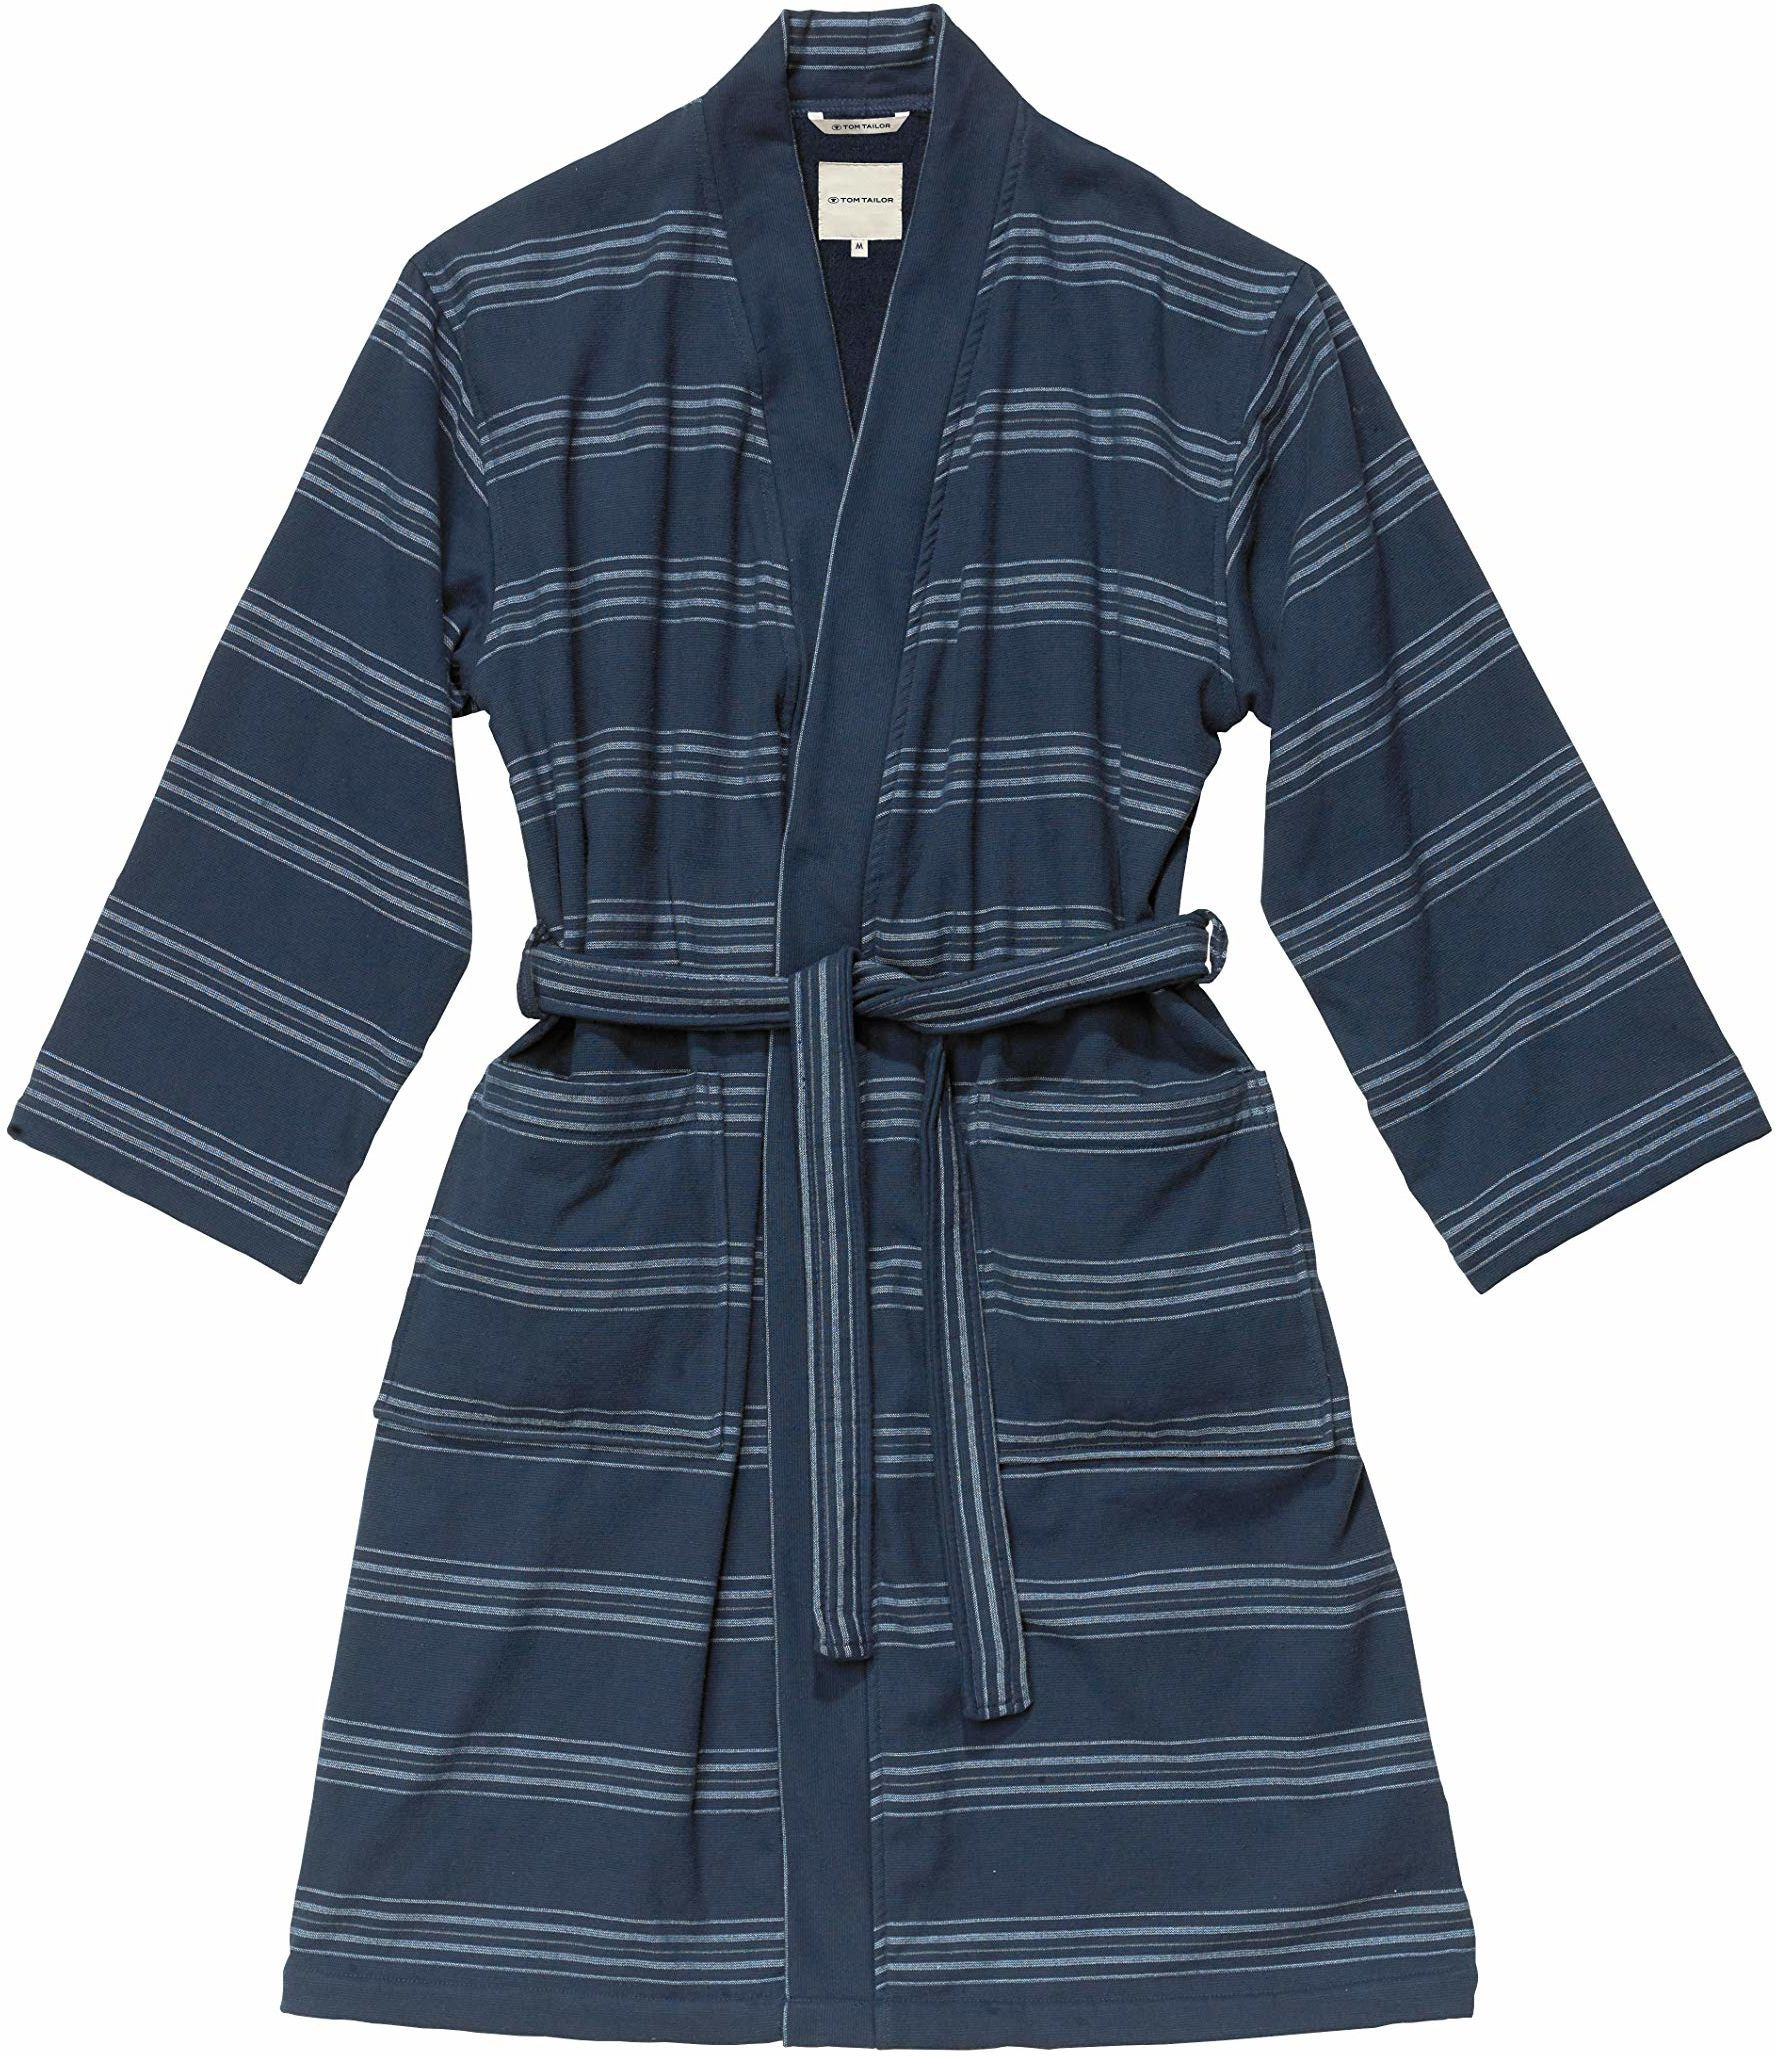 TOM TAILOR 0100509 szlafrok Wellness Kimono, granatowy, M